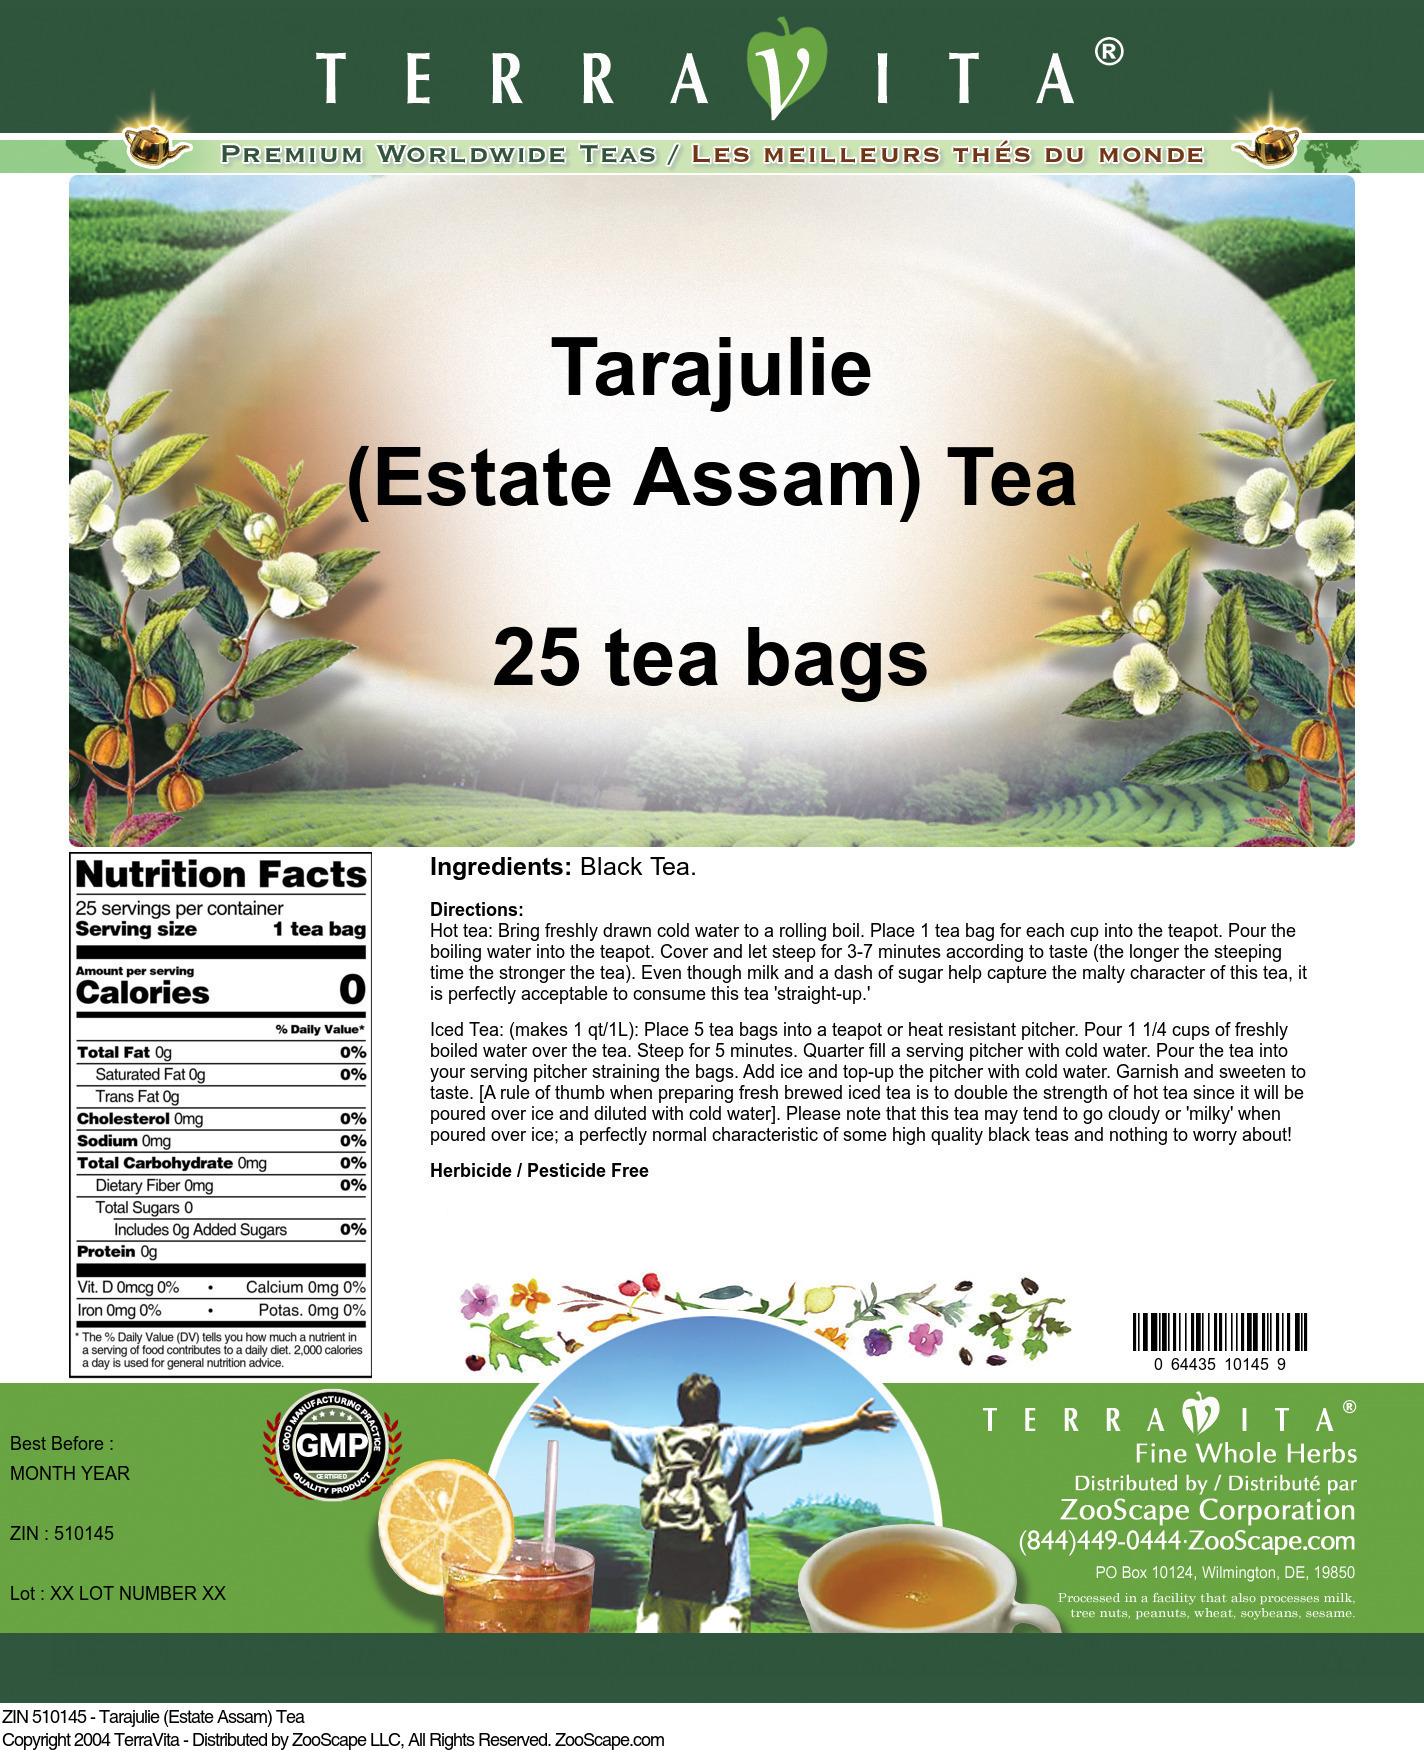 Tarajulie (Estate Assam) Tea